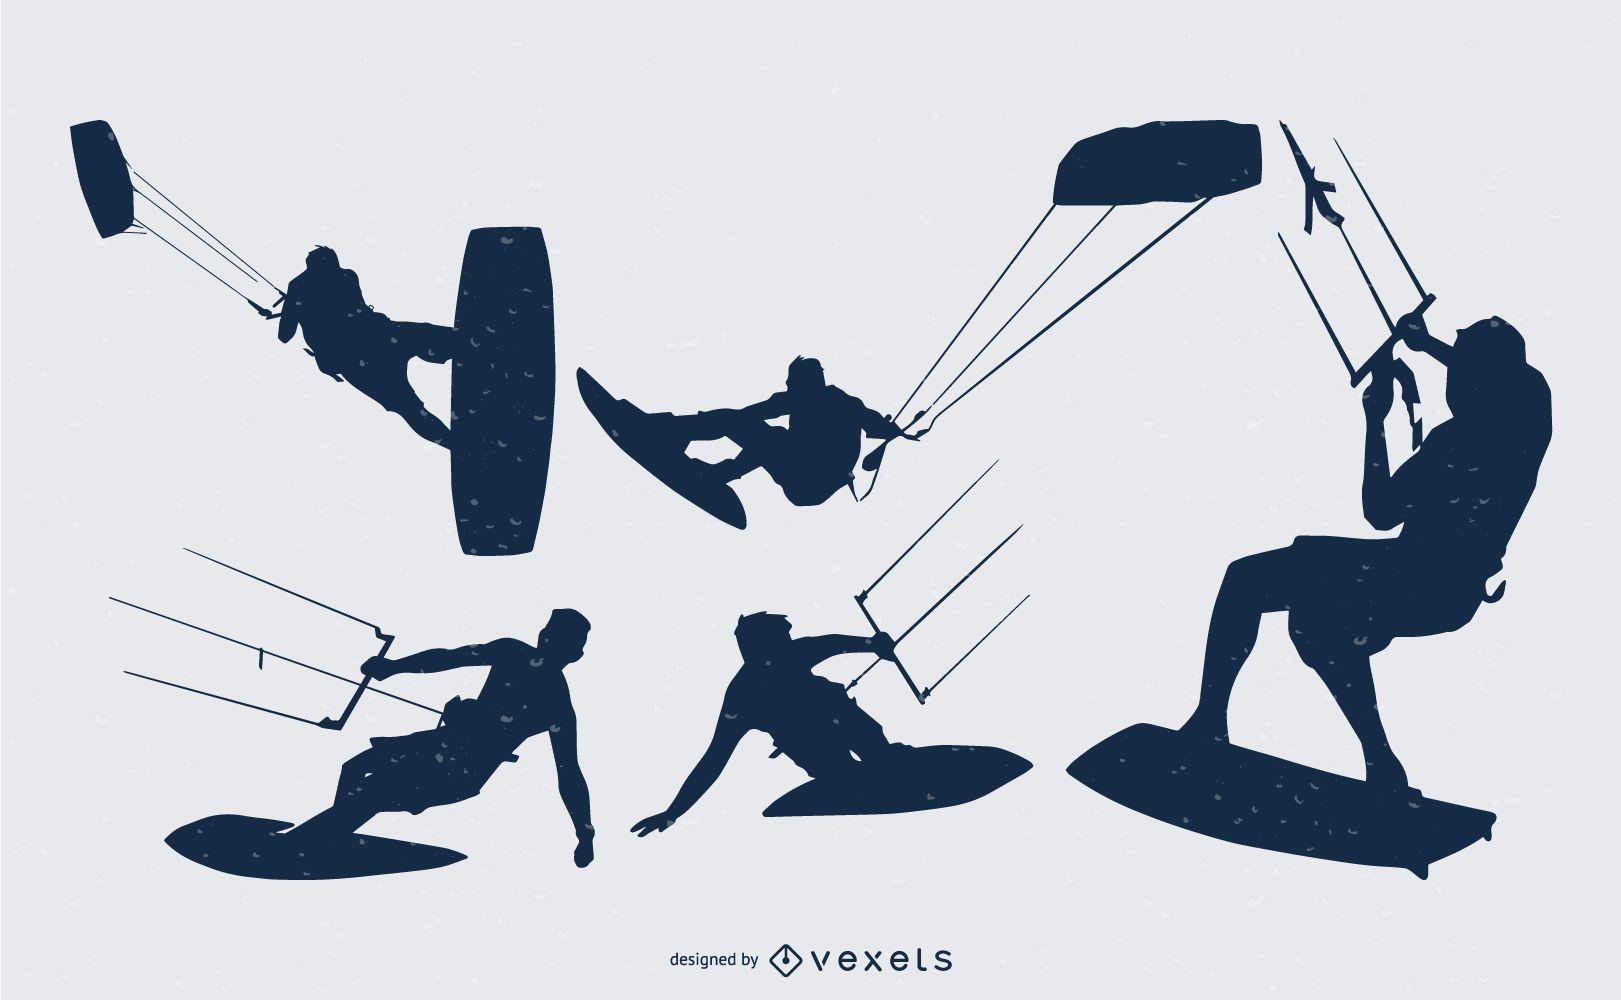 Colecci?n de silueta de personas de kitesurfista